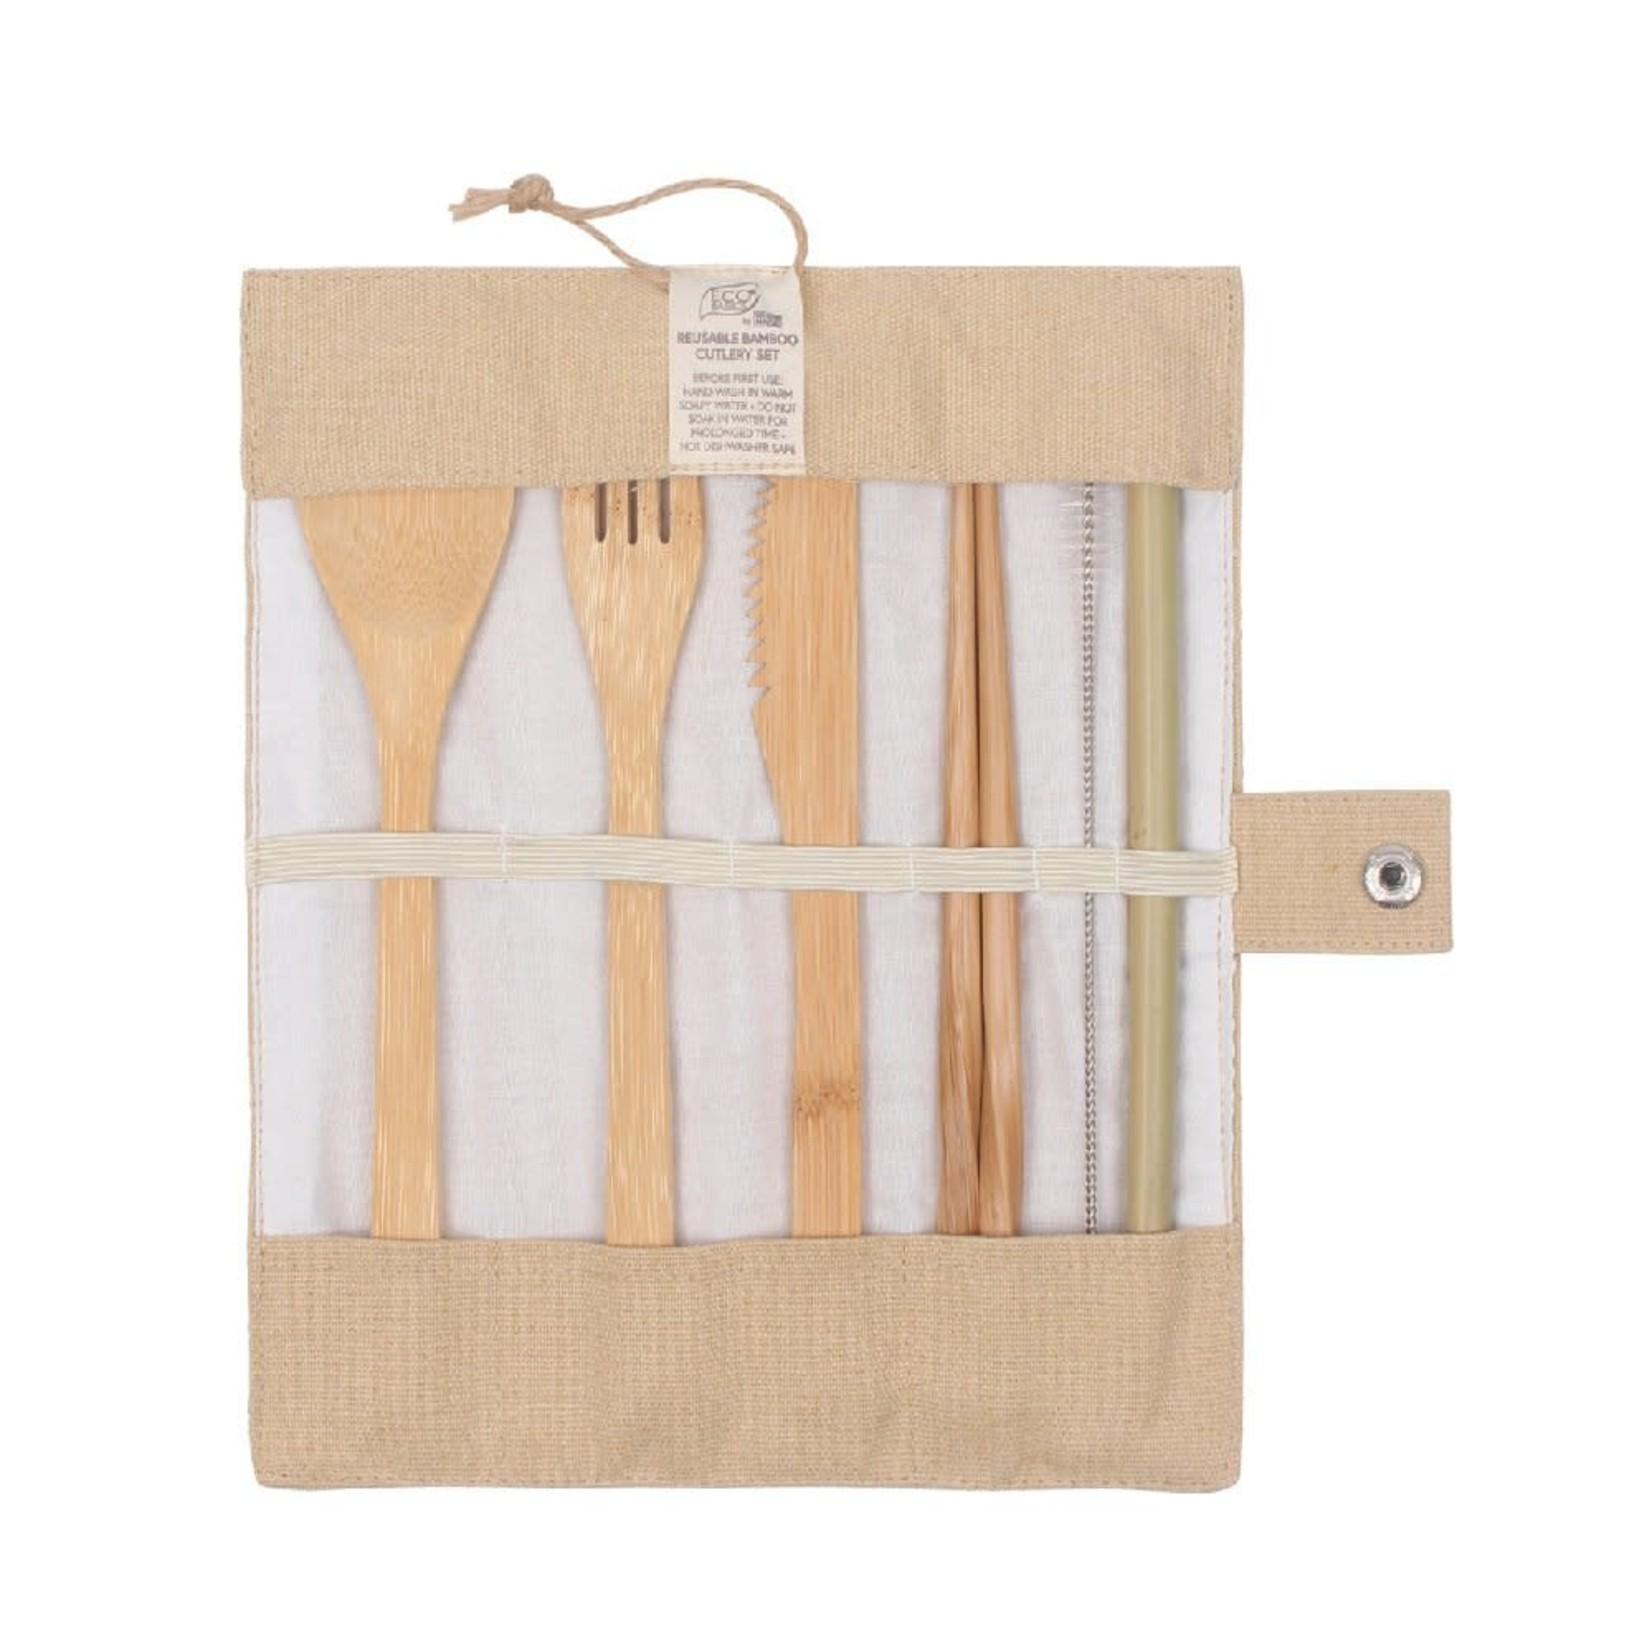 Eco Basics Eco Basics Bamboo Cutlery Set